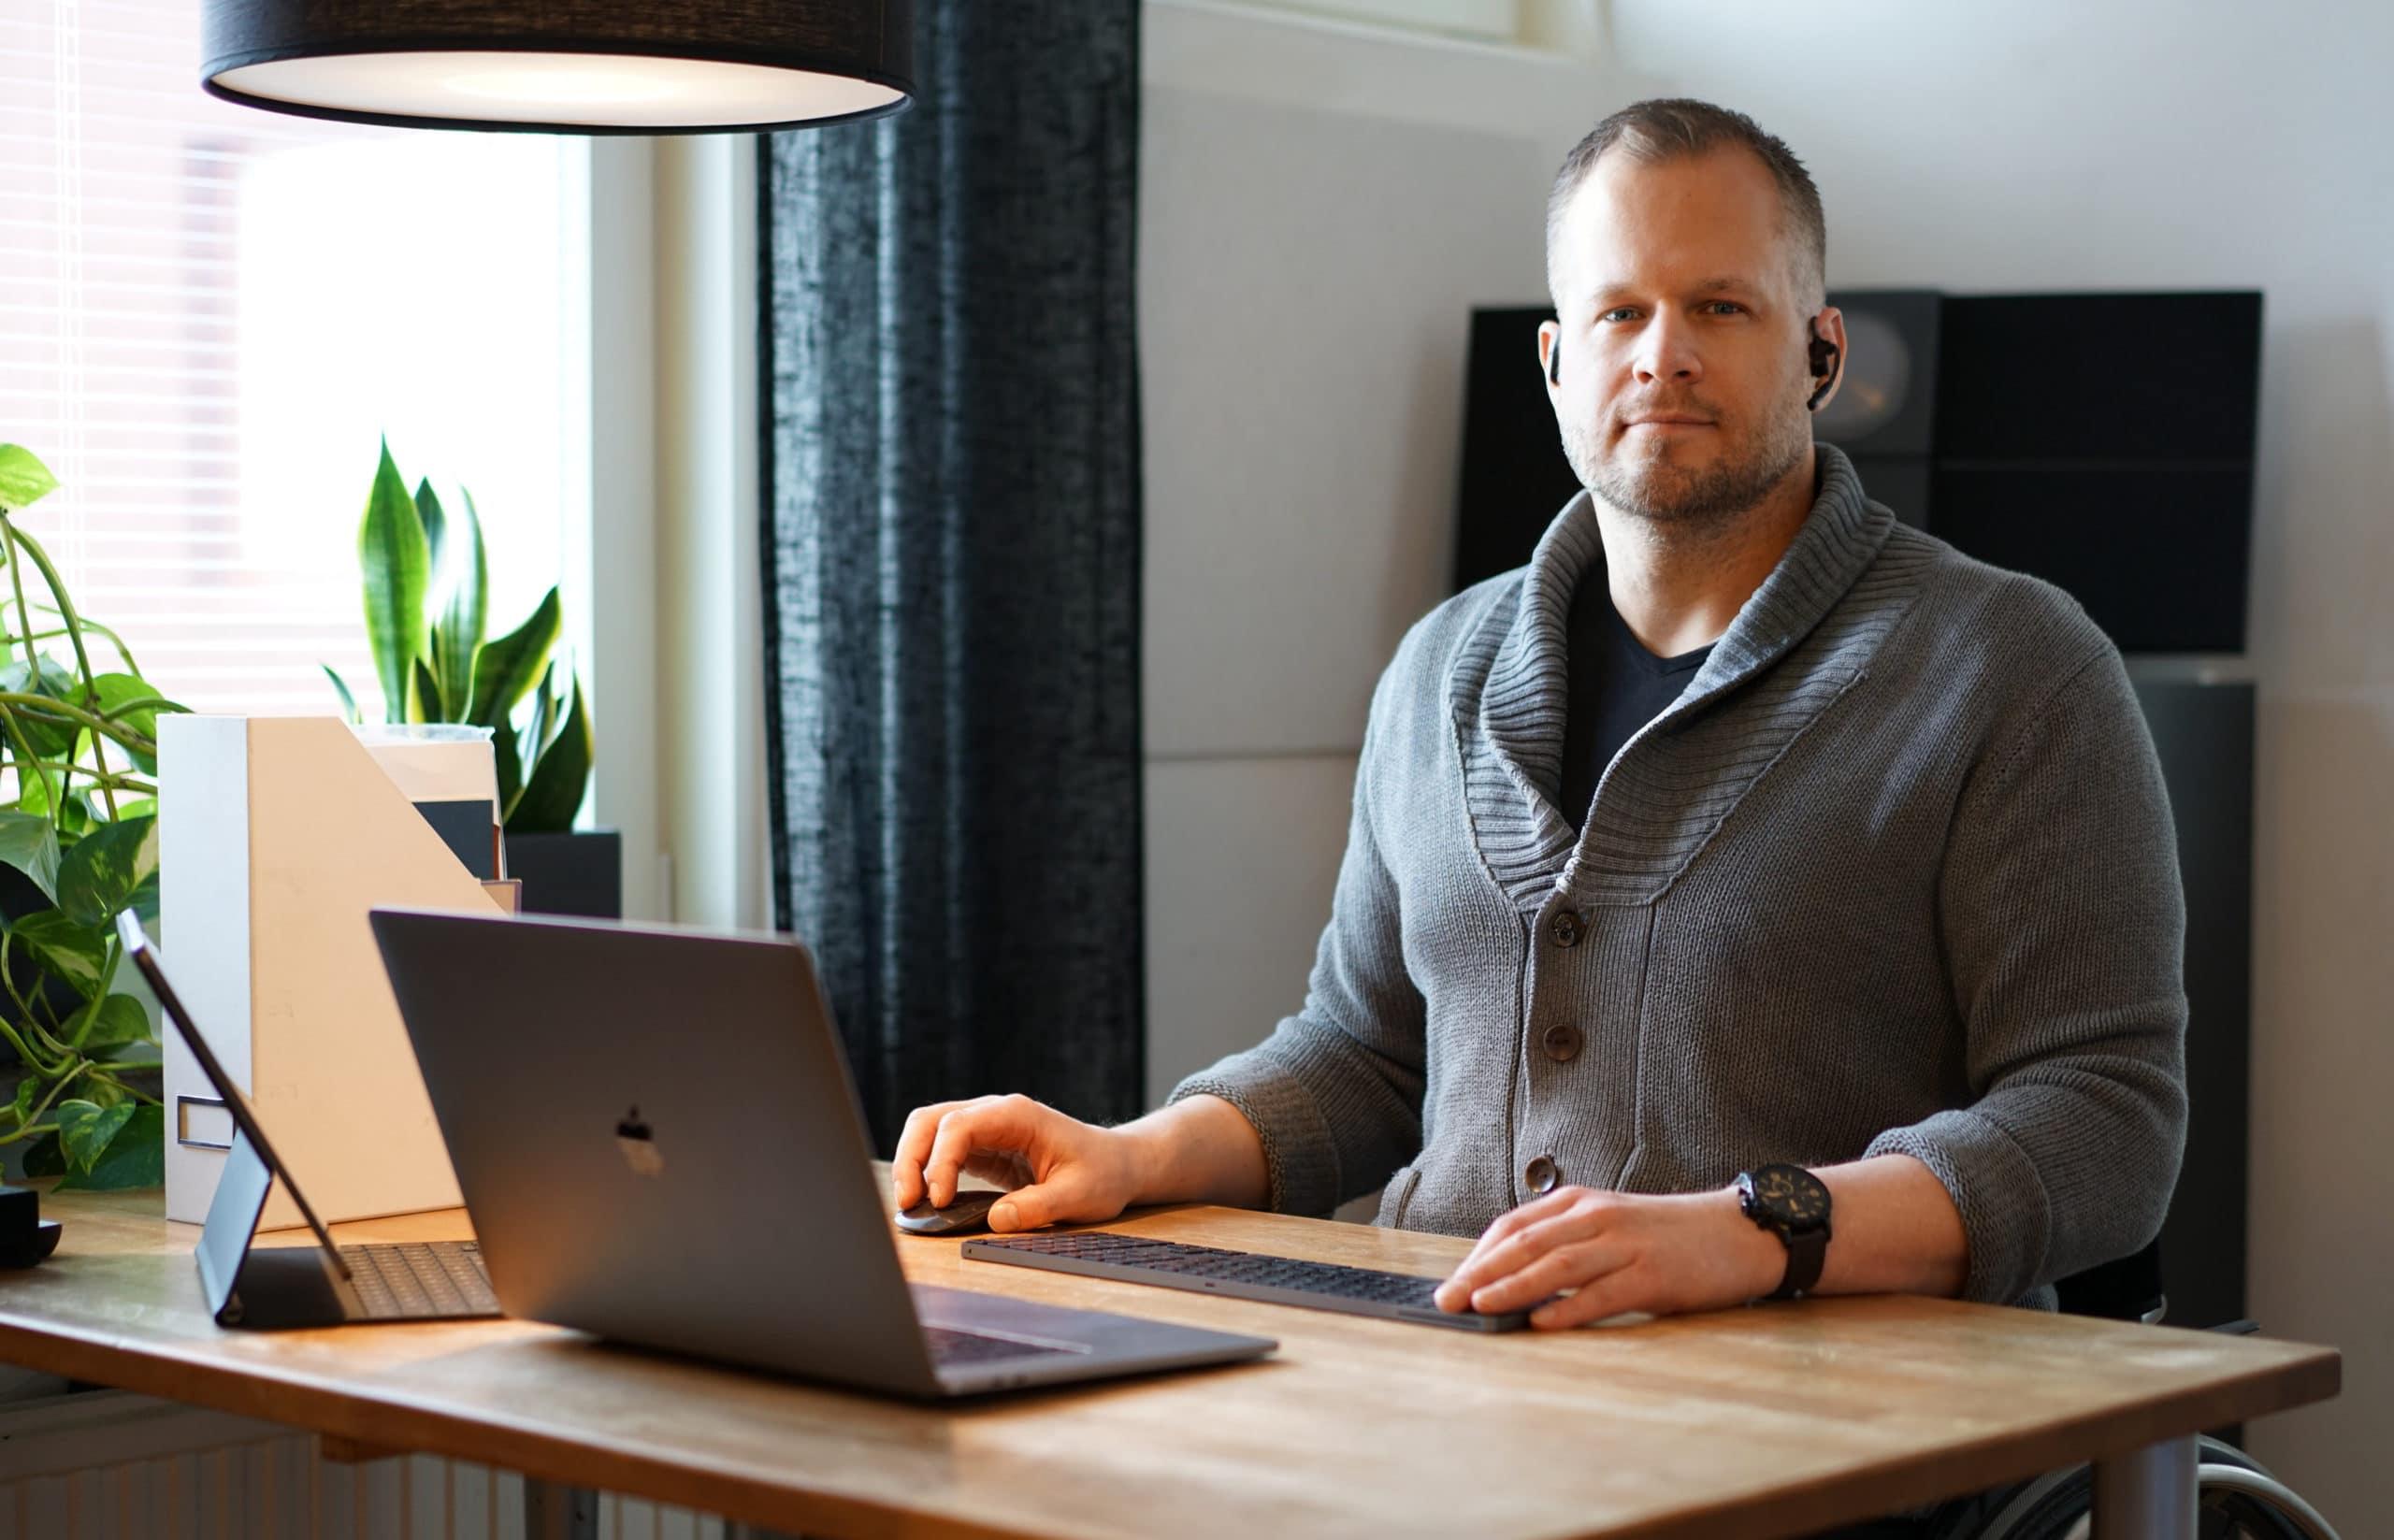 En man sitter vid skrivbord framöver en bärbar dator. På ena örat hänger ett headset för samtal